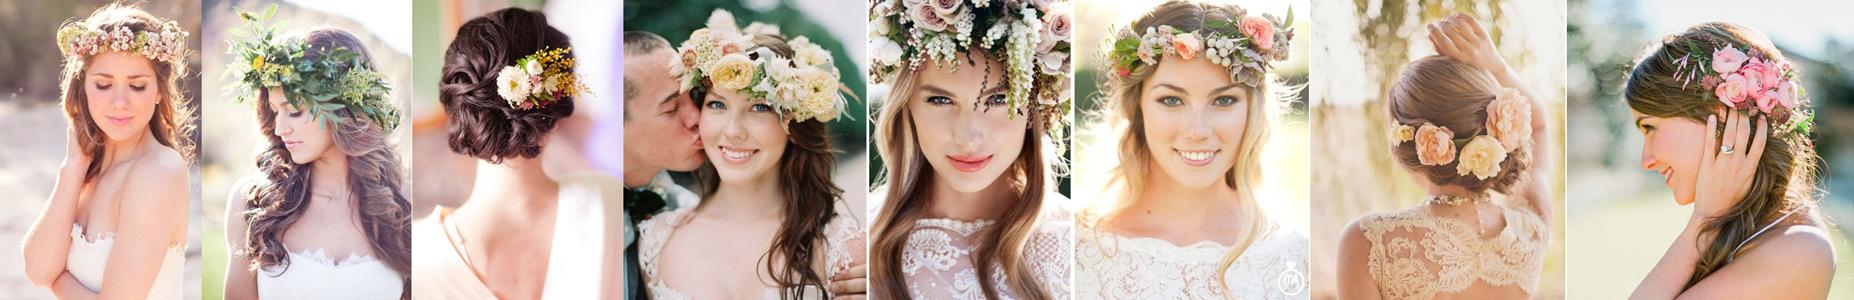 poradnik ślubny - wianek z kwiatów we włosach